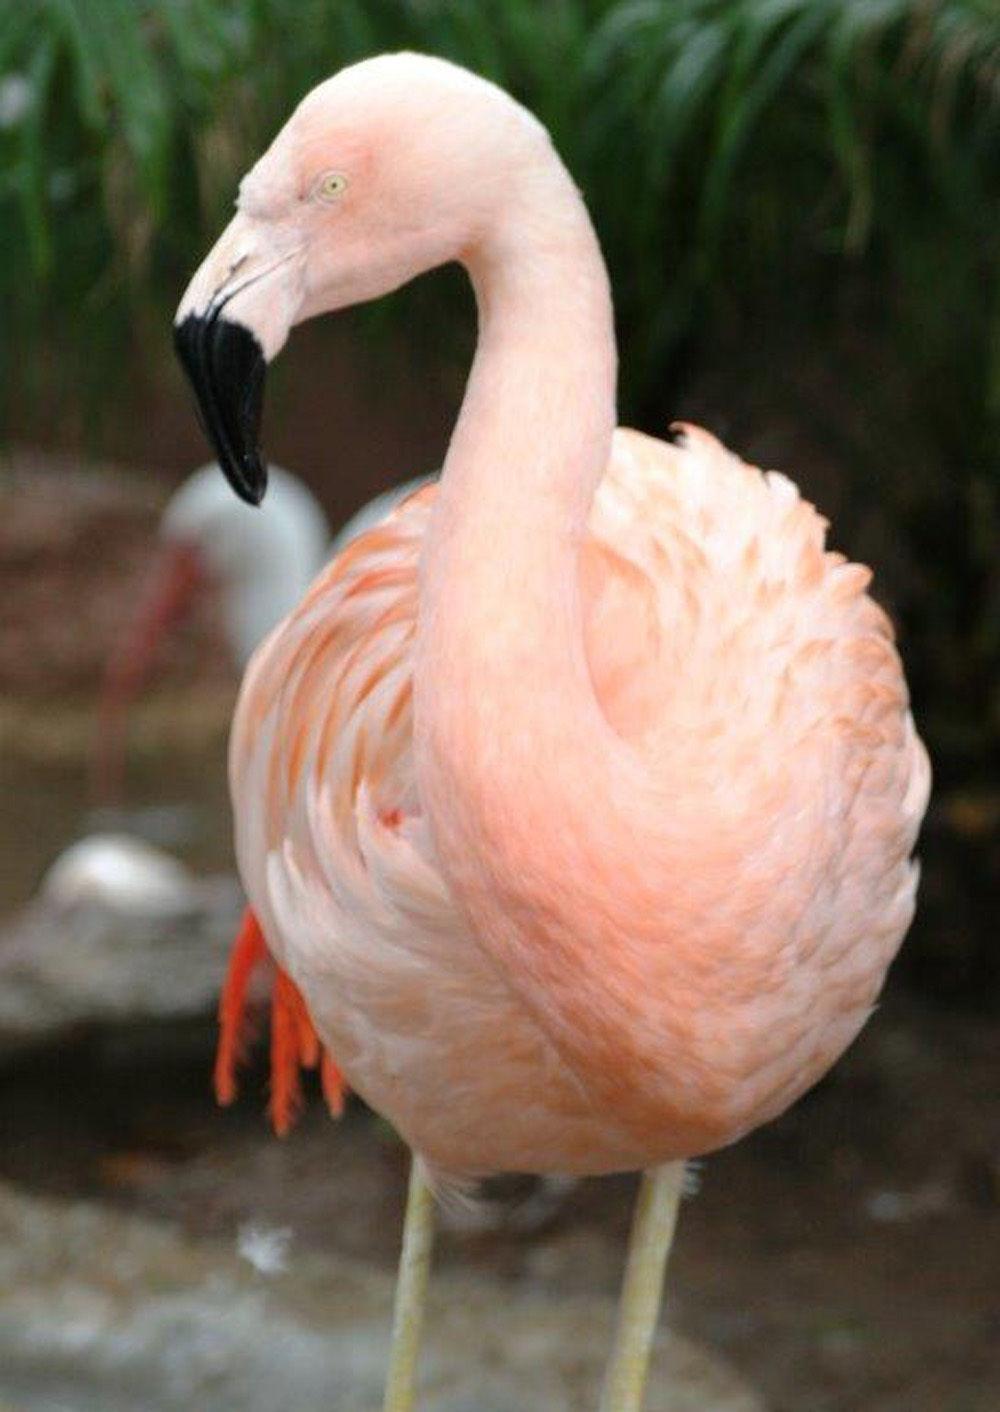 Florida dad fatally injures 'Pinky' the dancing flamingo